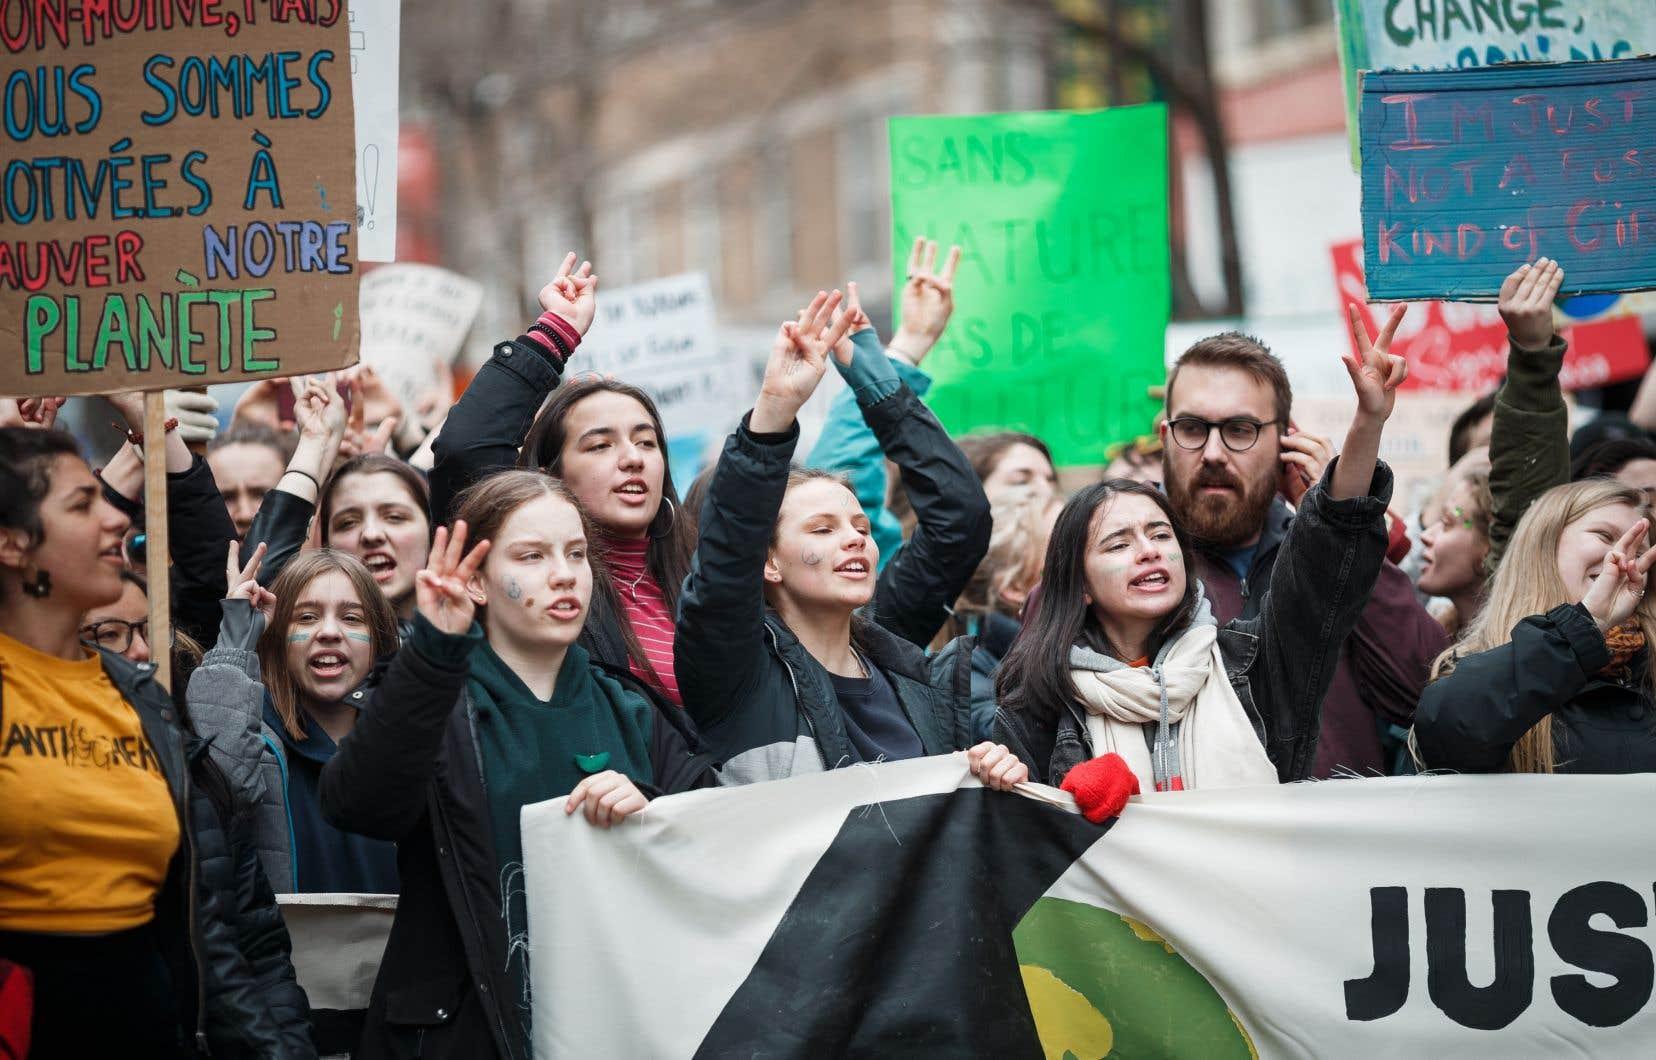 Le 15 mars dernier, plusieurs dizaines de milliers de jeunes ont manifesté dans les rues de Montréal pour la lutte contre les changements climatiques.